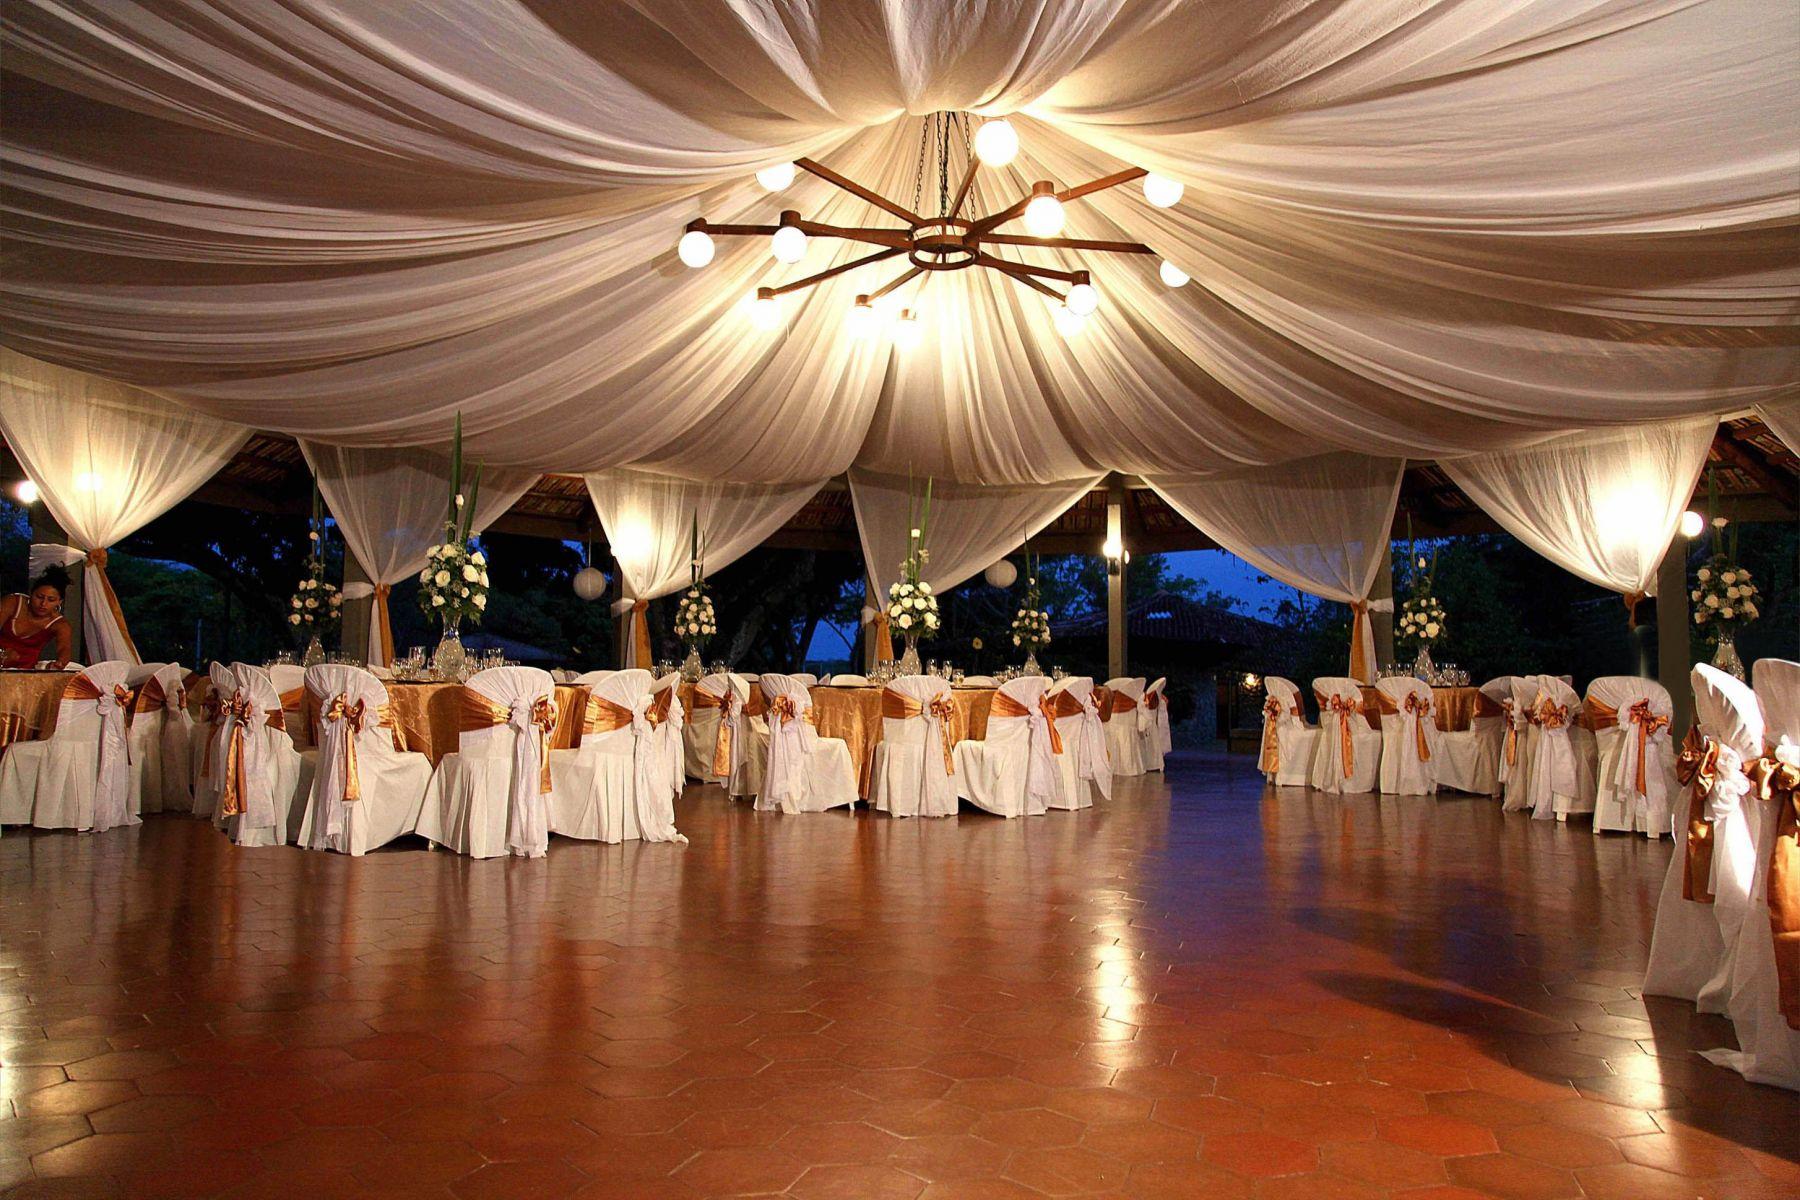 La boda perfecta en colombia - Detalles para una boda perfecta ...